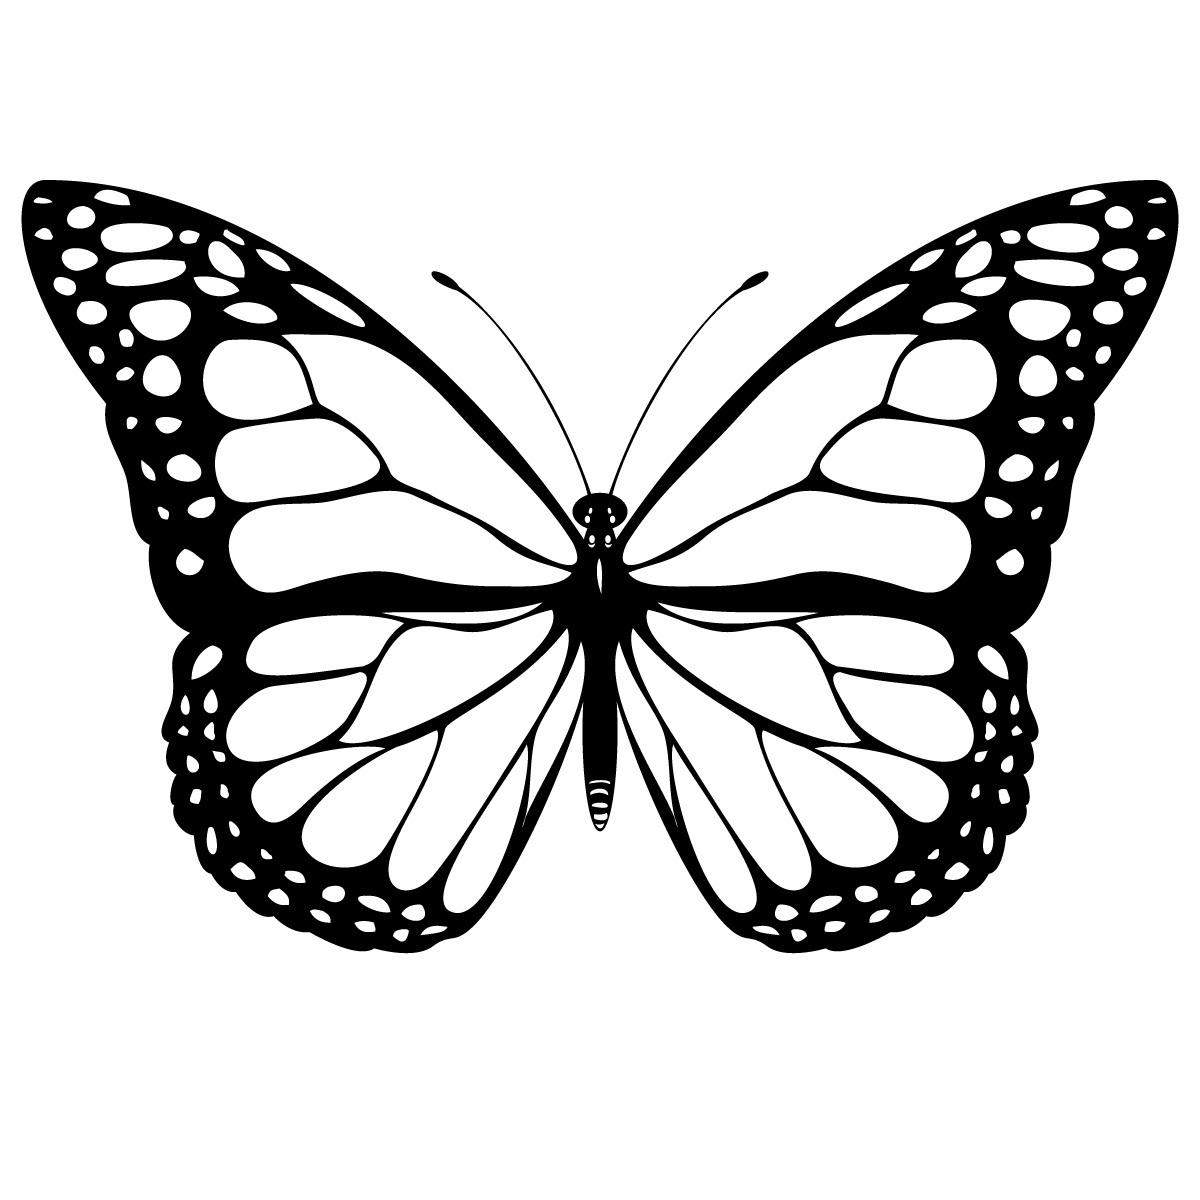 110 dessins de coloriage papillon à imprimer sur LaGuerche.com - Page 8